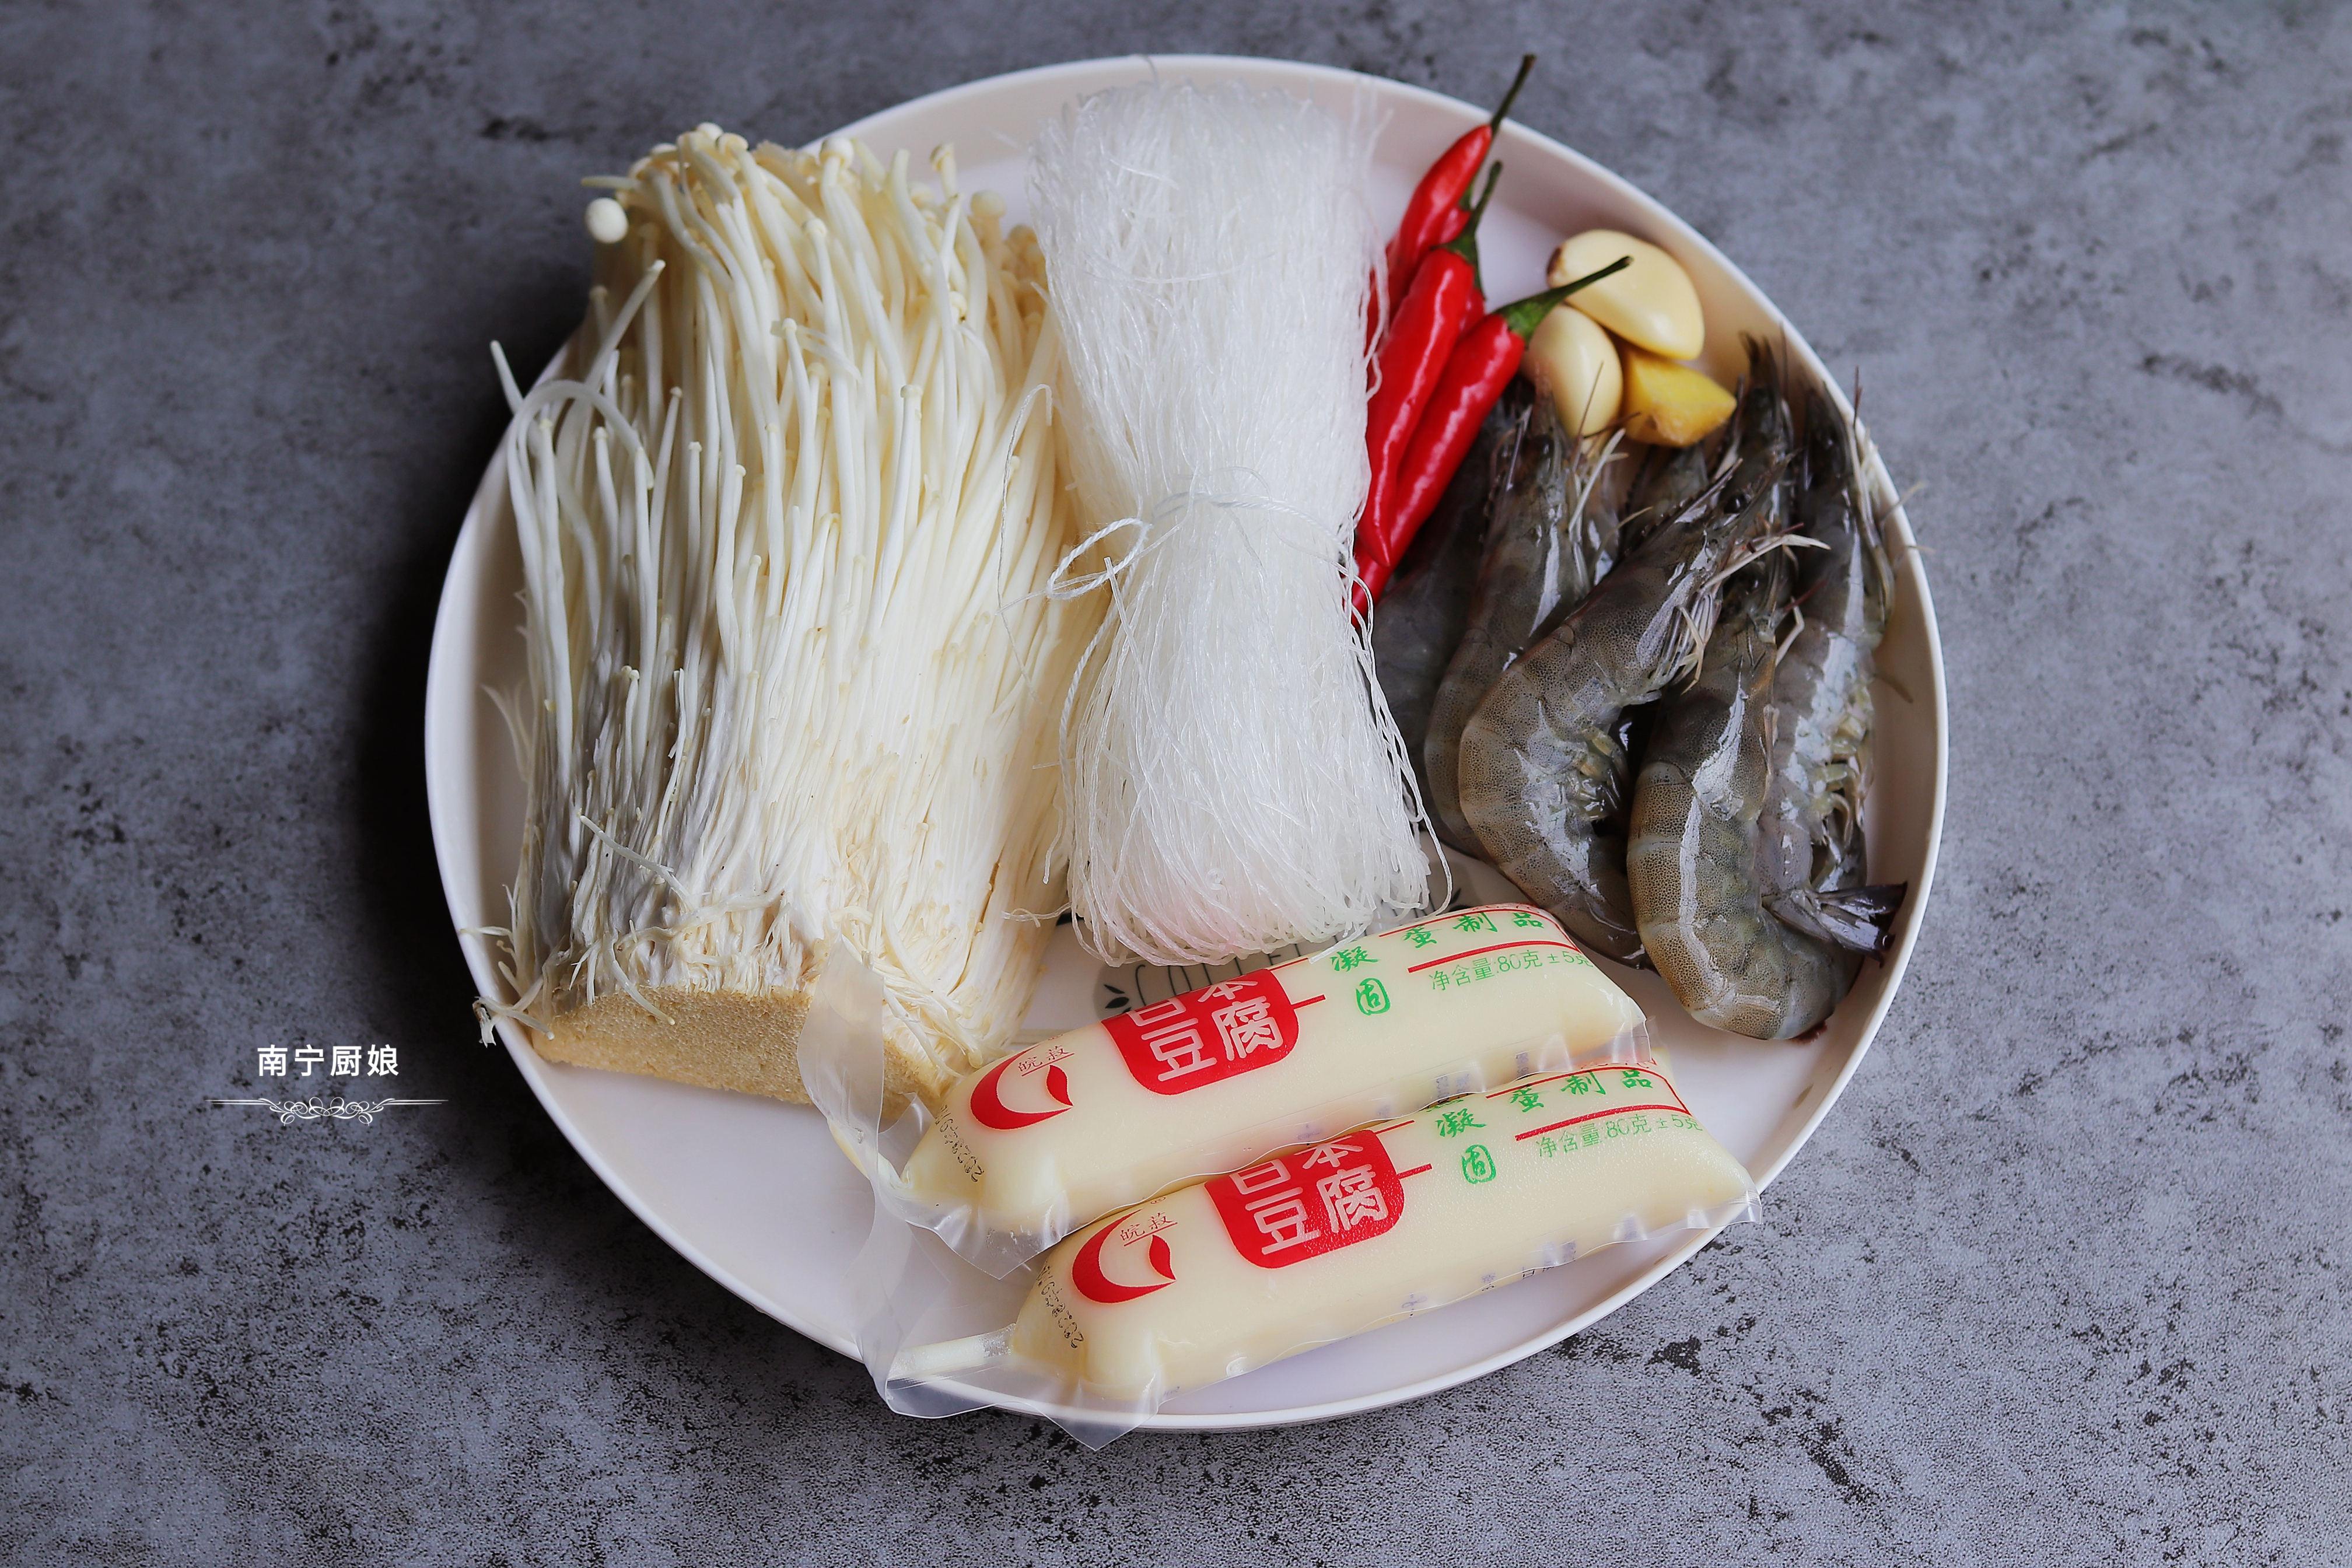 冷天我家最愛的一鍋鮮,4種食材搭配,鮮香又爽滑,好吃到連鍋端